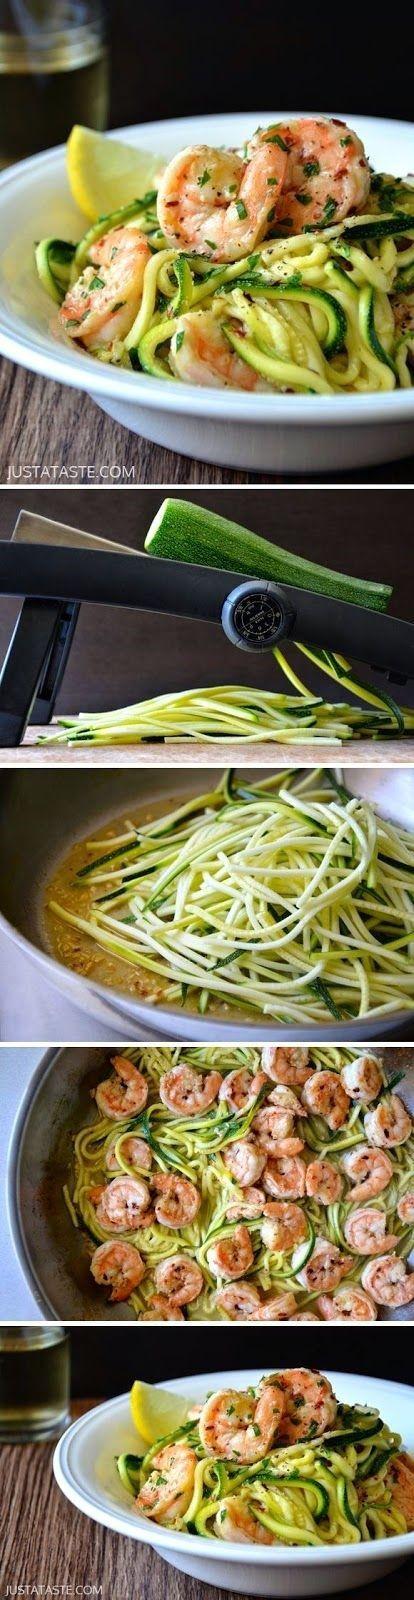 Shrimp Scampi zucchini noodles